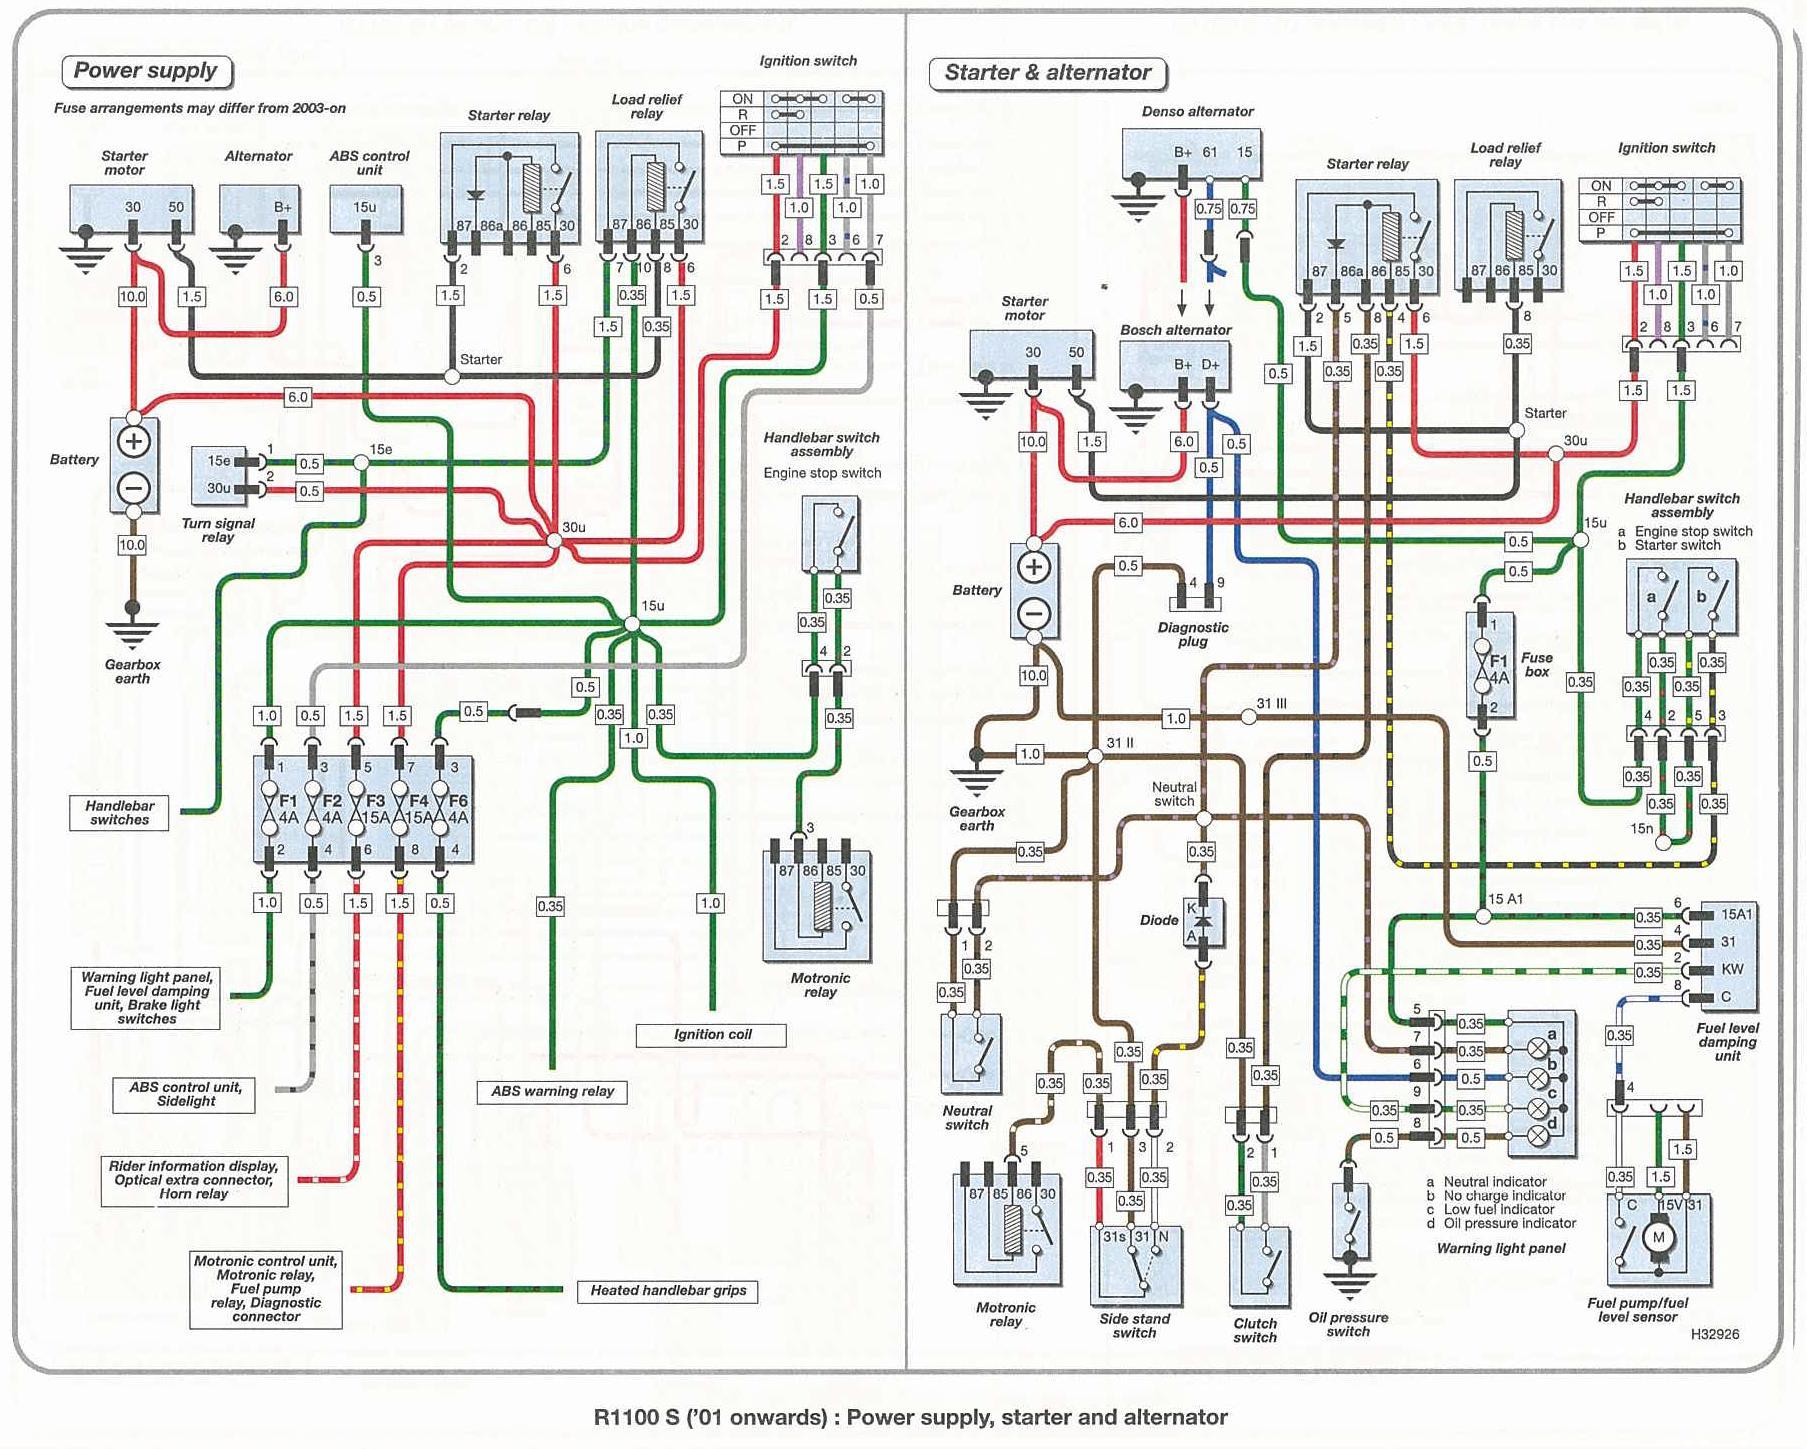 1976 Bmw 02 Wiring Diagram - Wiring Diagrams Hubs - Bmw Wiring Diagram